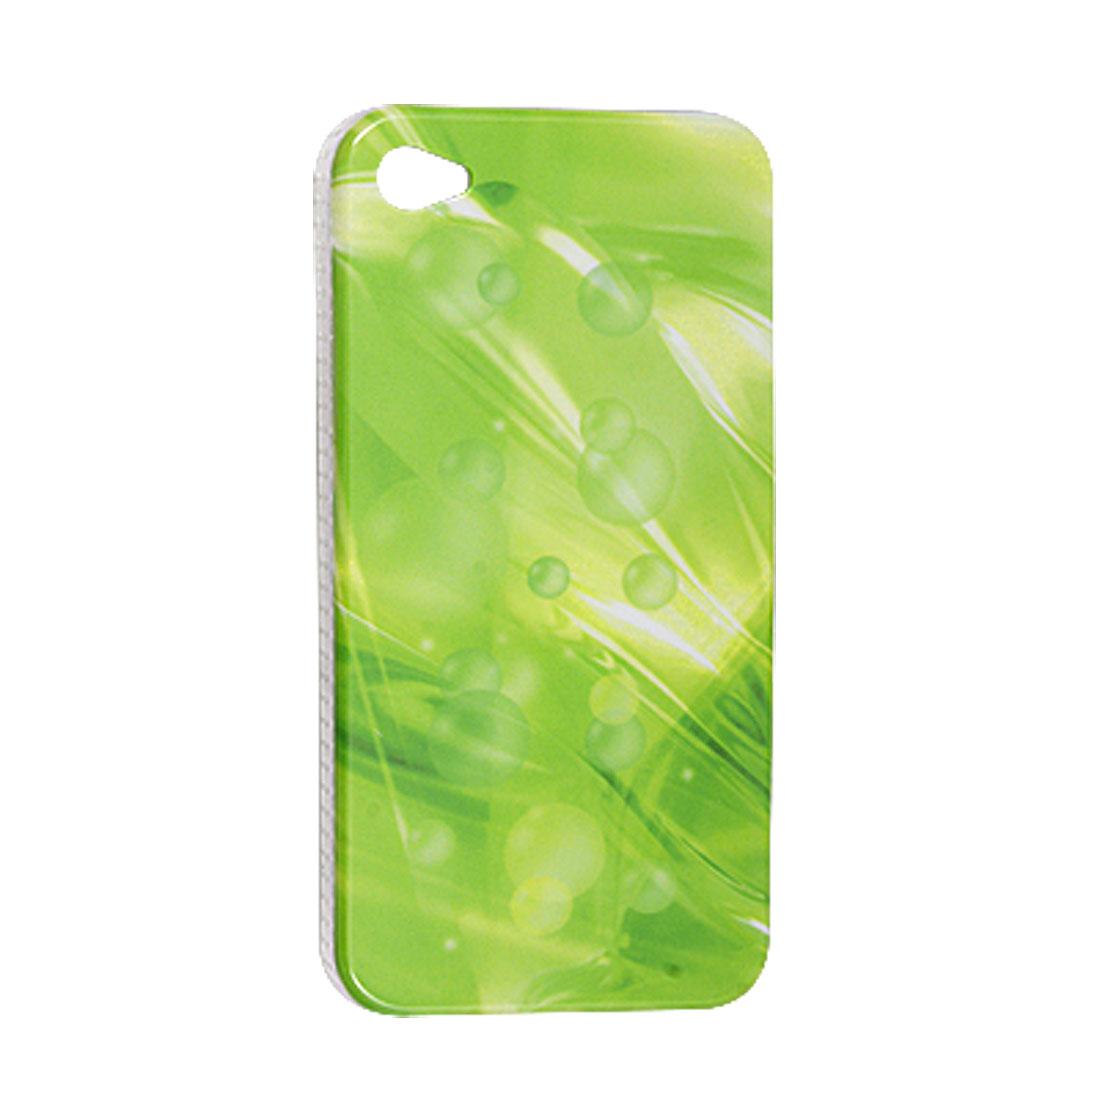 Light Green IMD Plastic Antislip Side Back Case for iPhone 4 4G